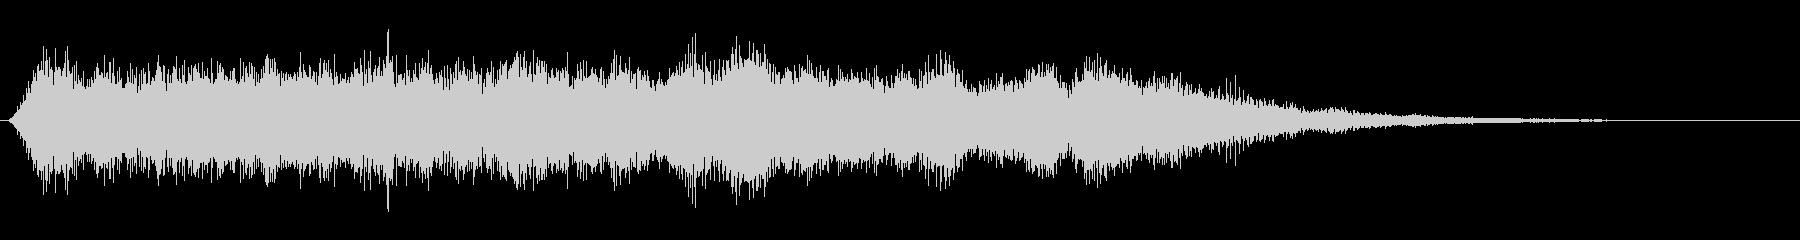 シンセサイザーのジュワーンとした音の未再生の波形